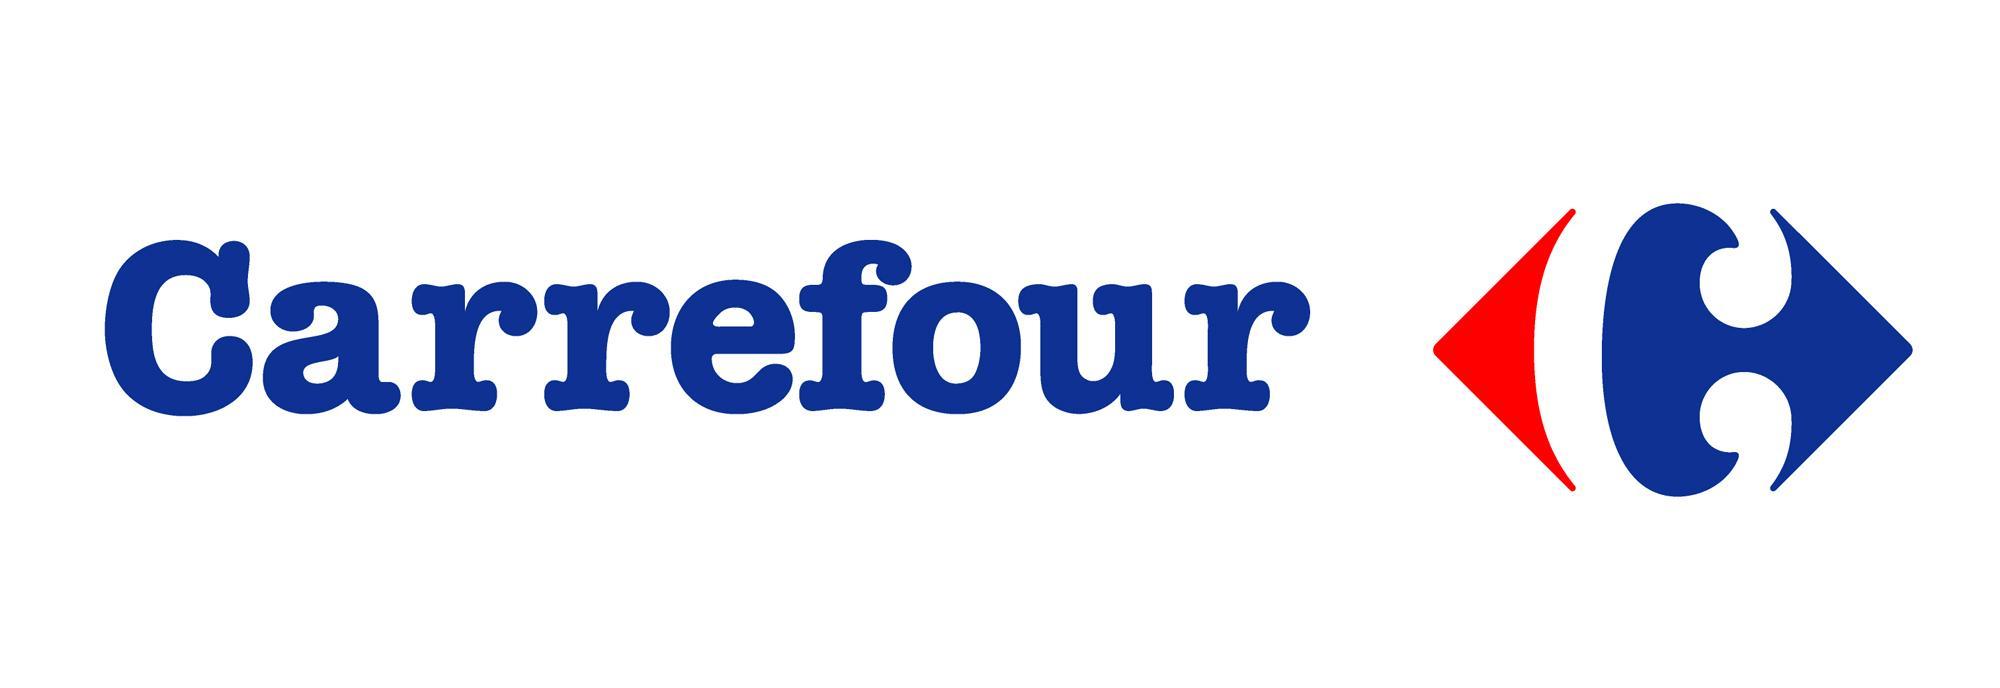 Pourquoi Carrefour Peut Être Un Bon Investissement ? intérieur Carrefour Piscine Hors Sol